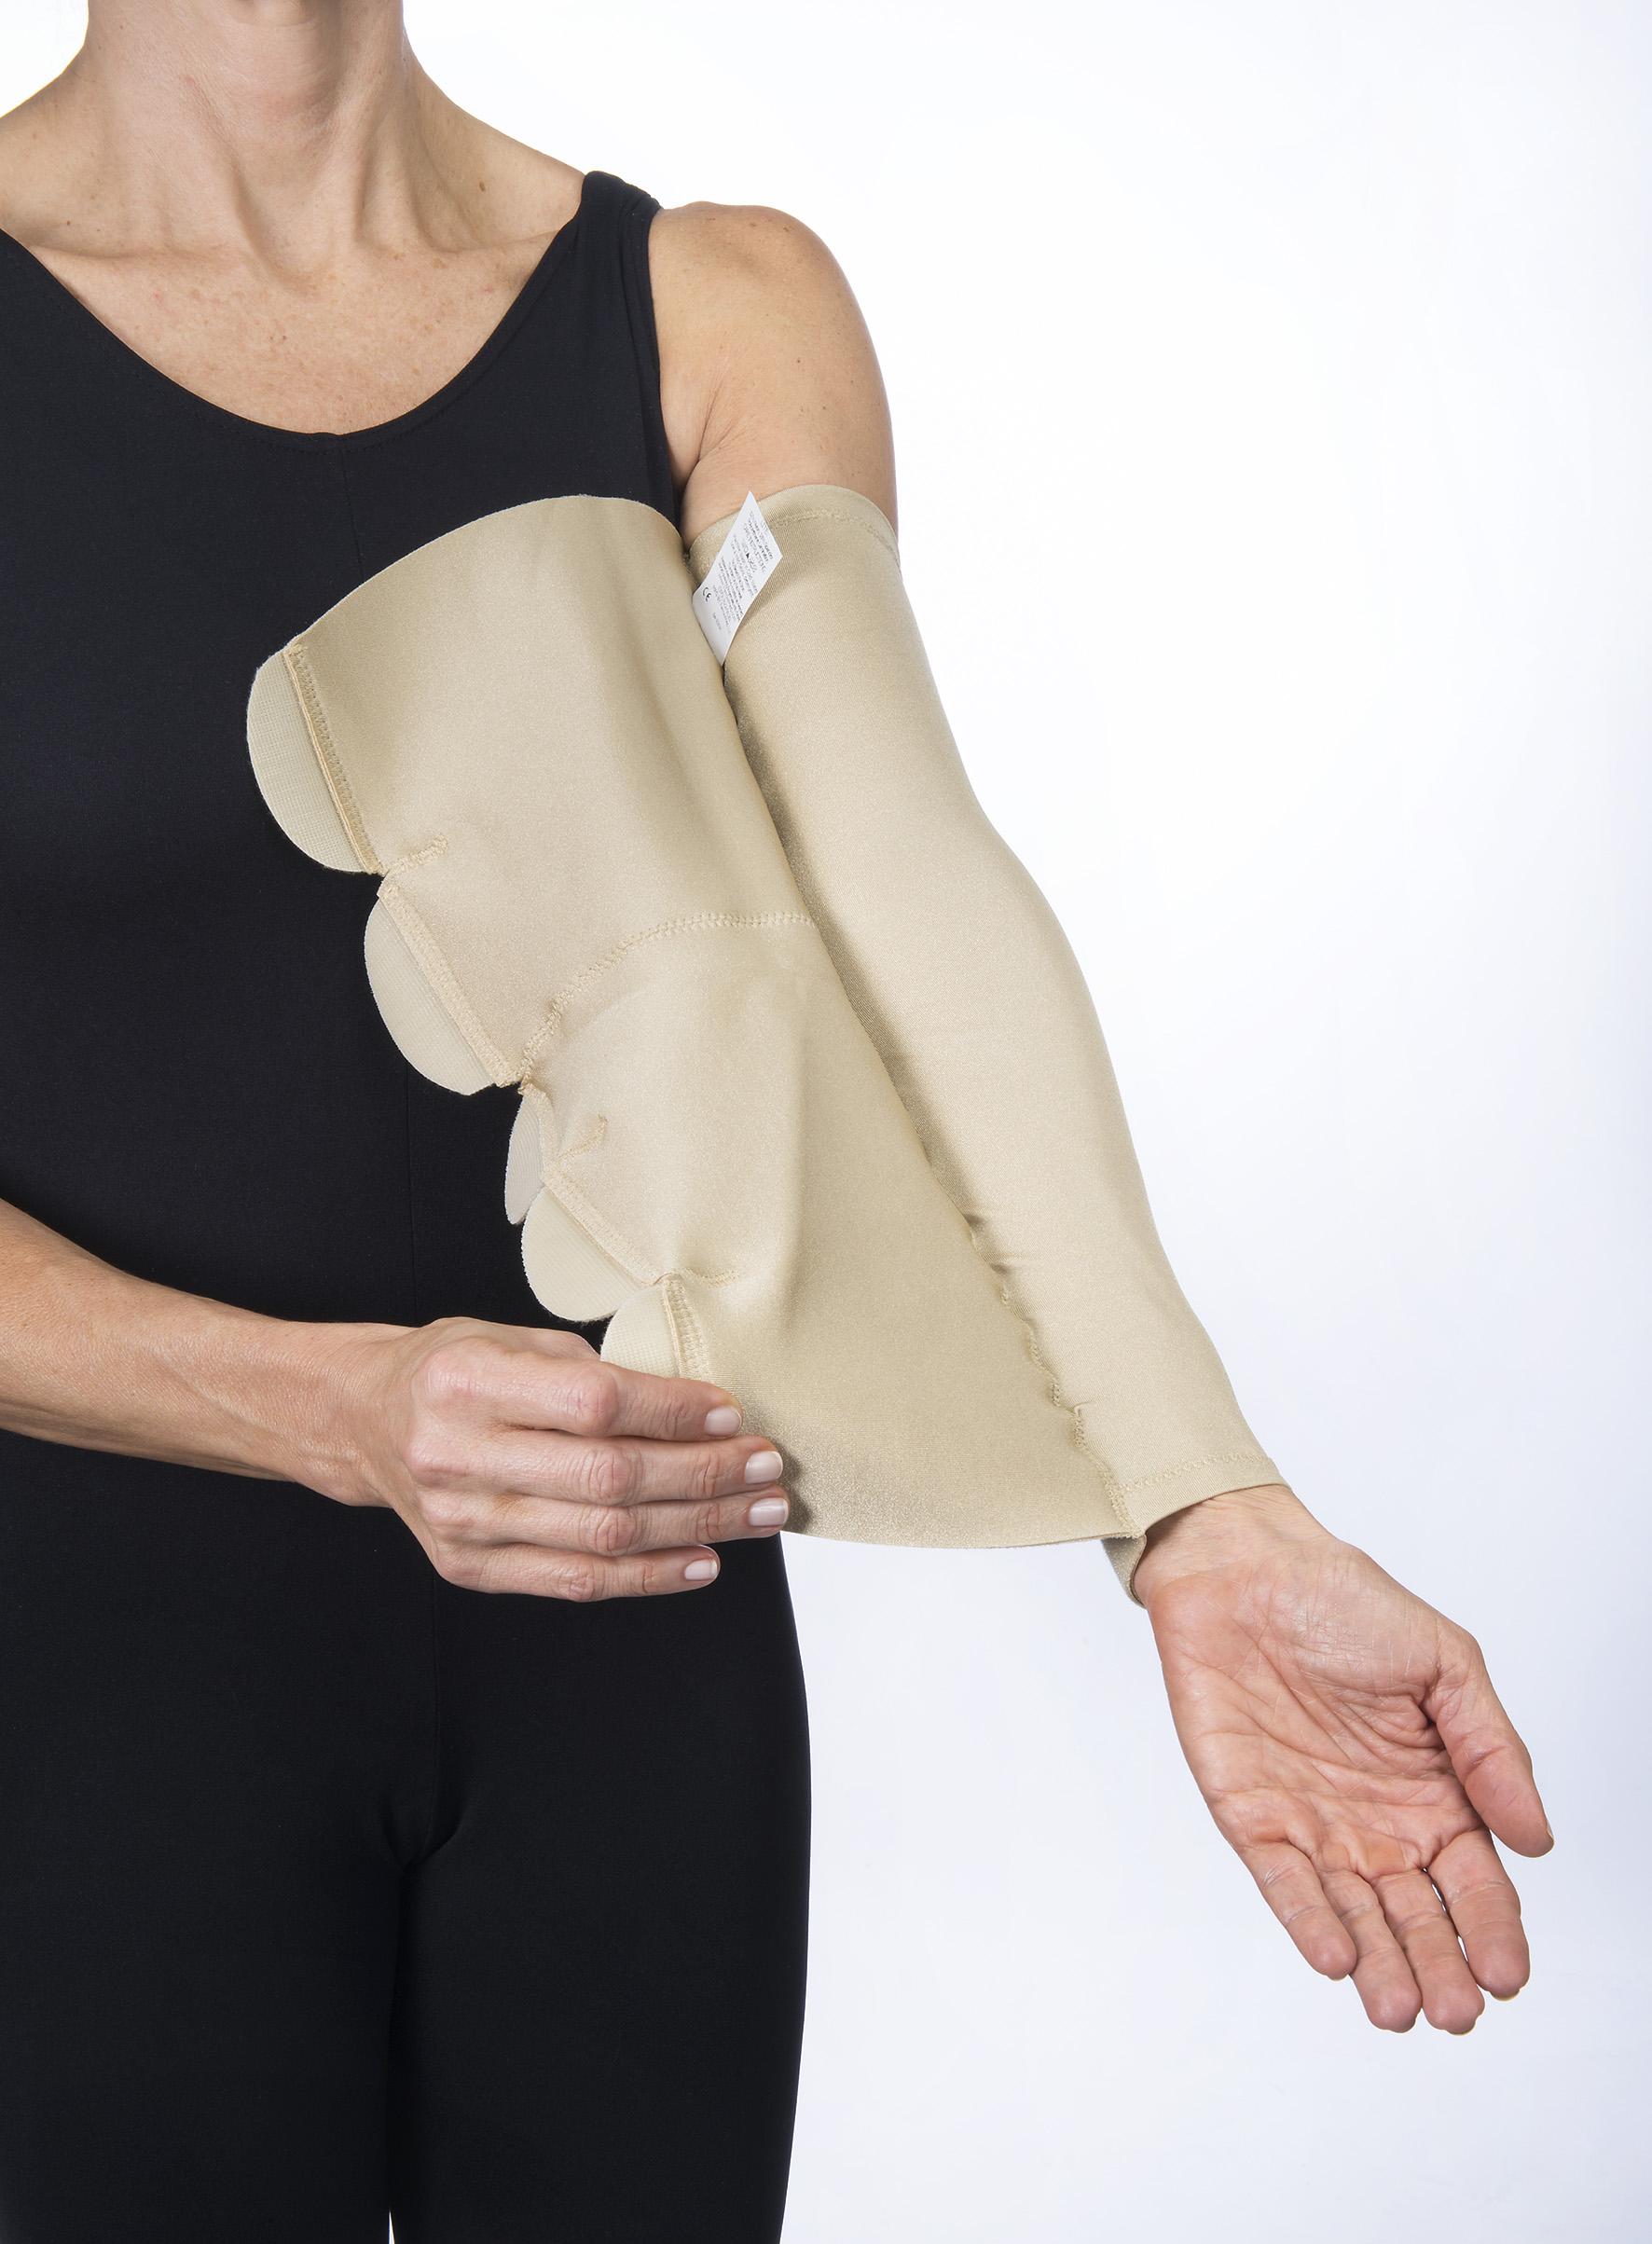 Image JOBST FARROWWRAP LITE Bandage préformé bras gauche